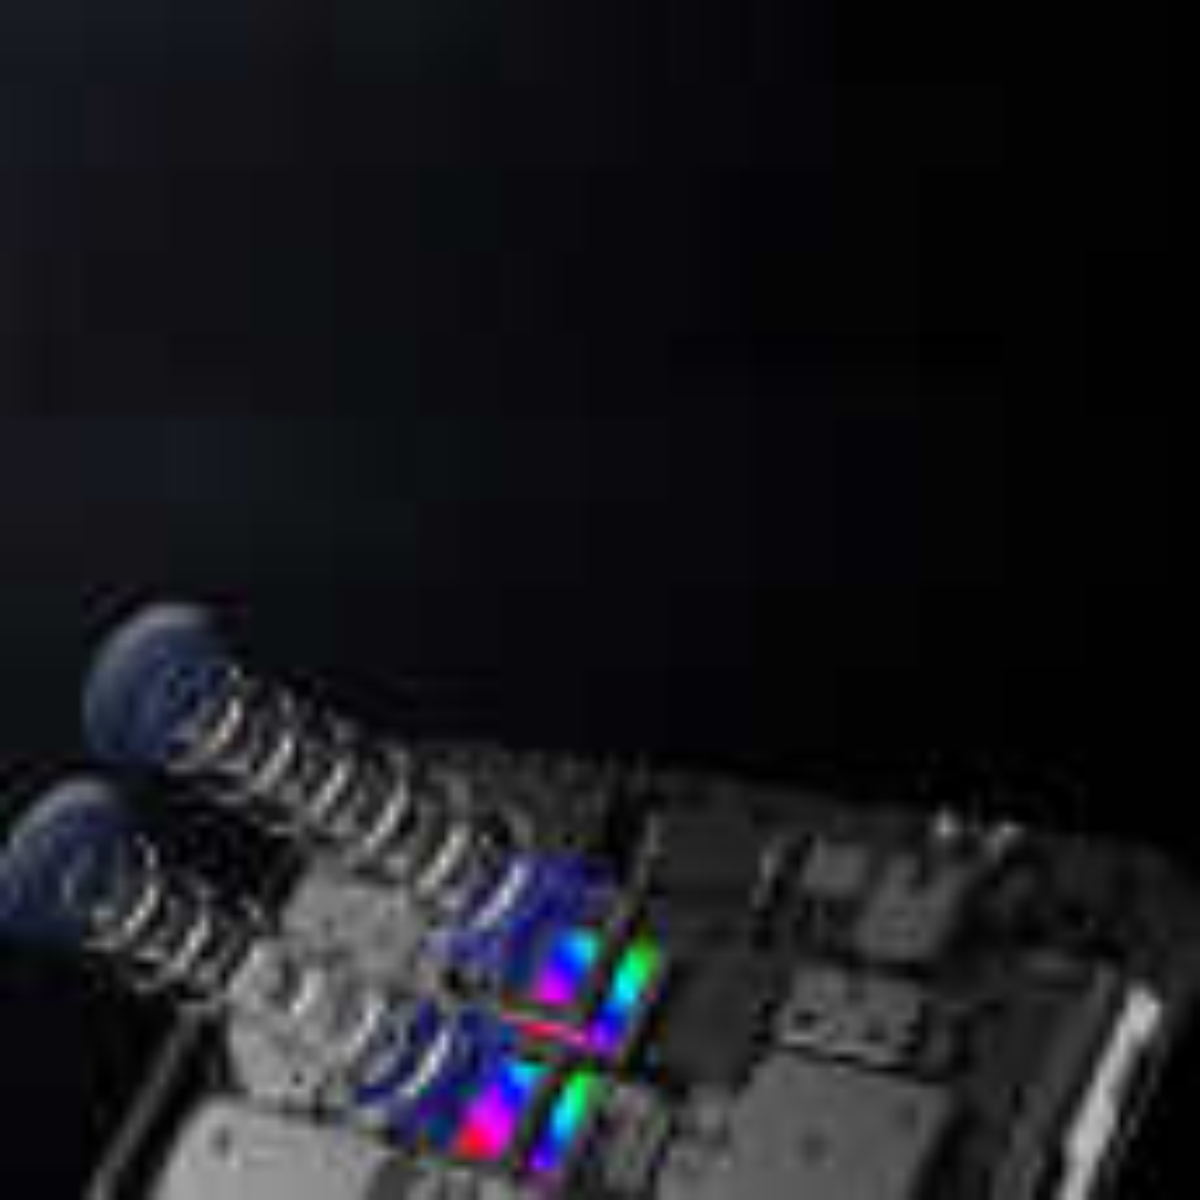 گوشی موبایل لیگو مدل T8s دو سیم کارت ظرفیت 32 گیگابایت thumb 4